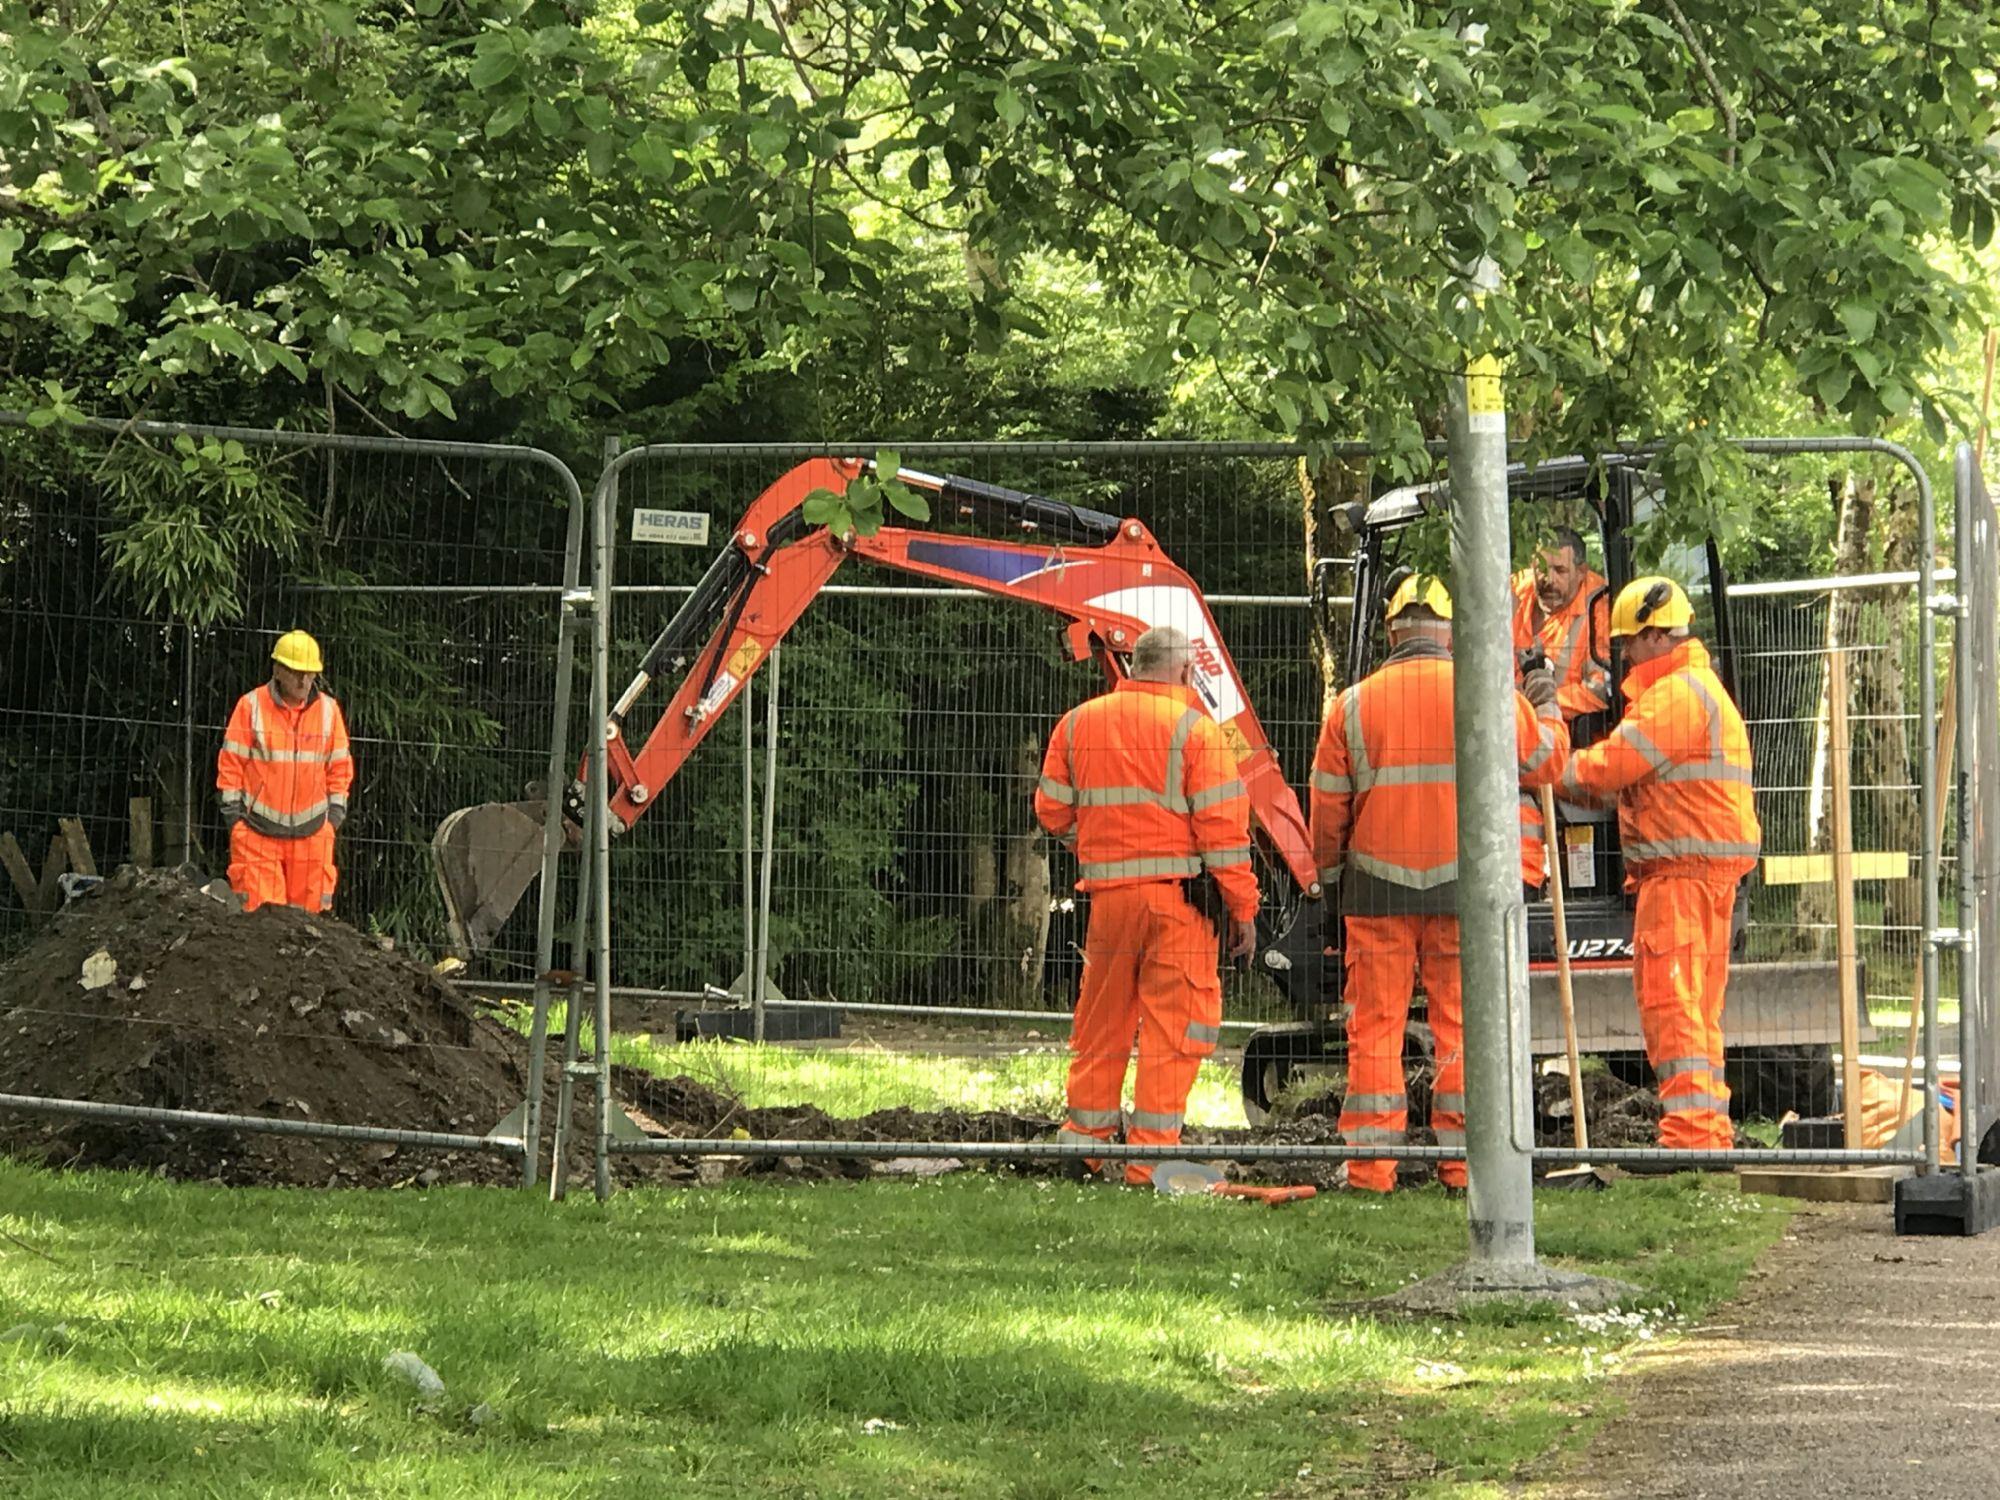 Scottish workforce in action